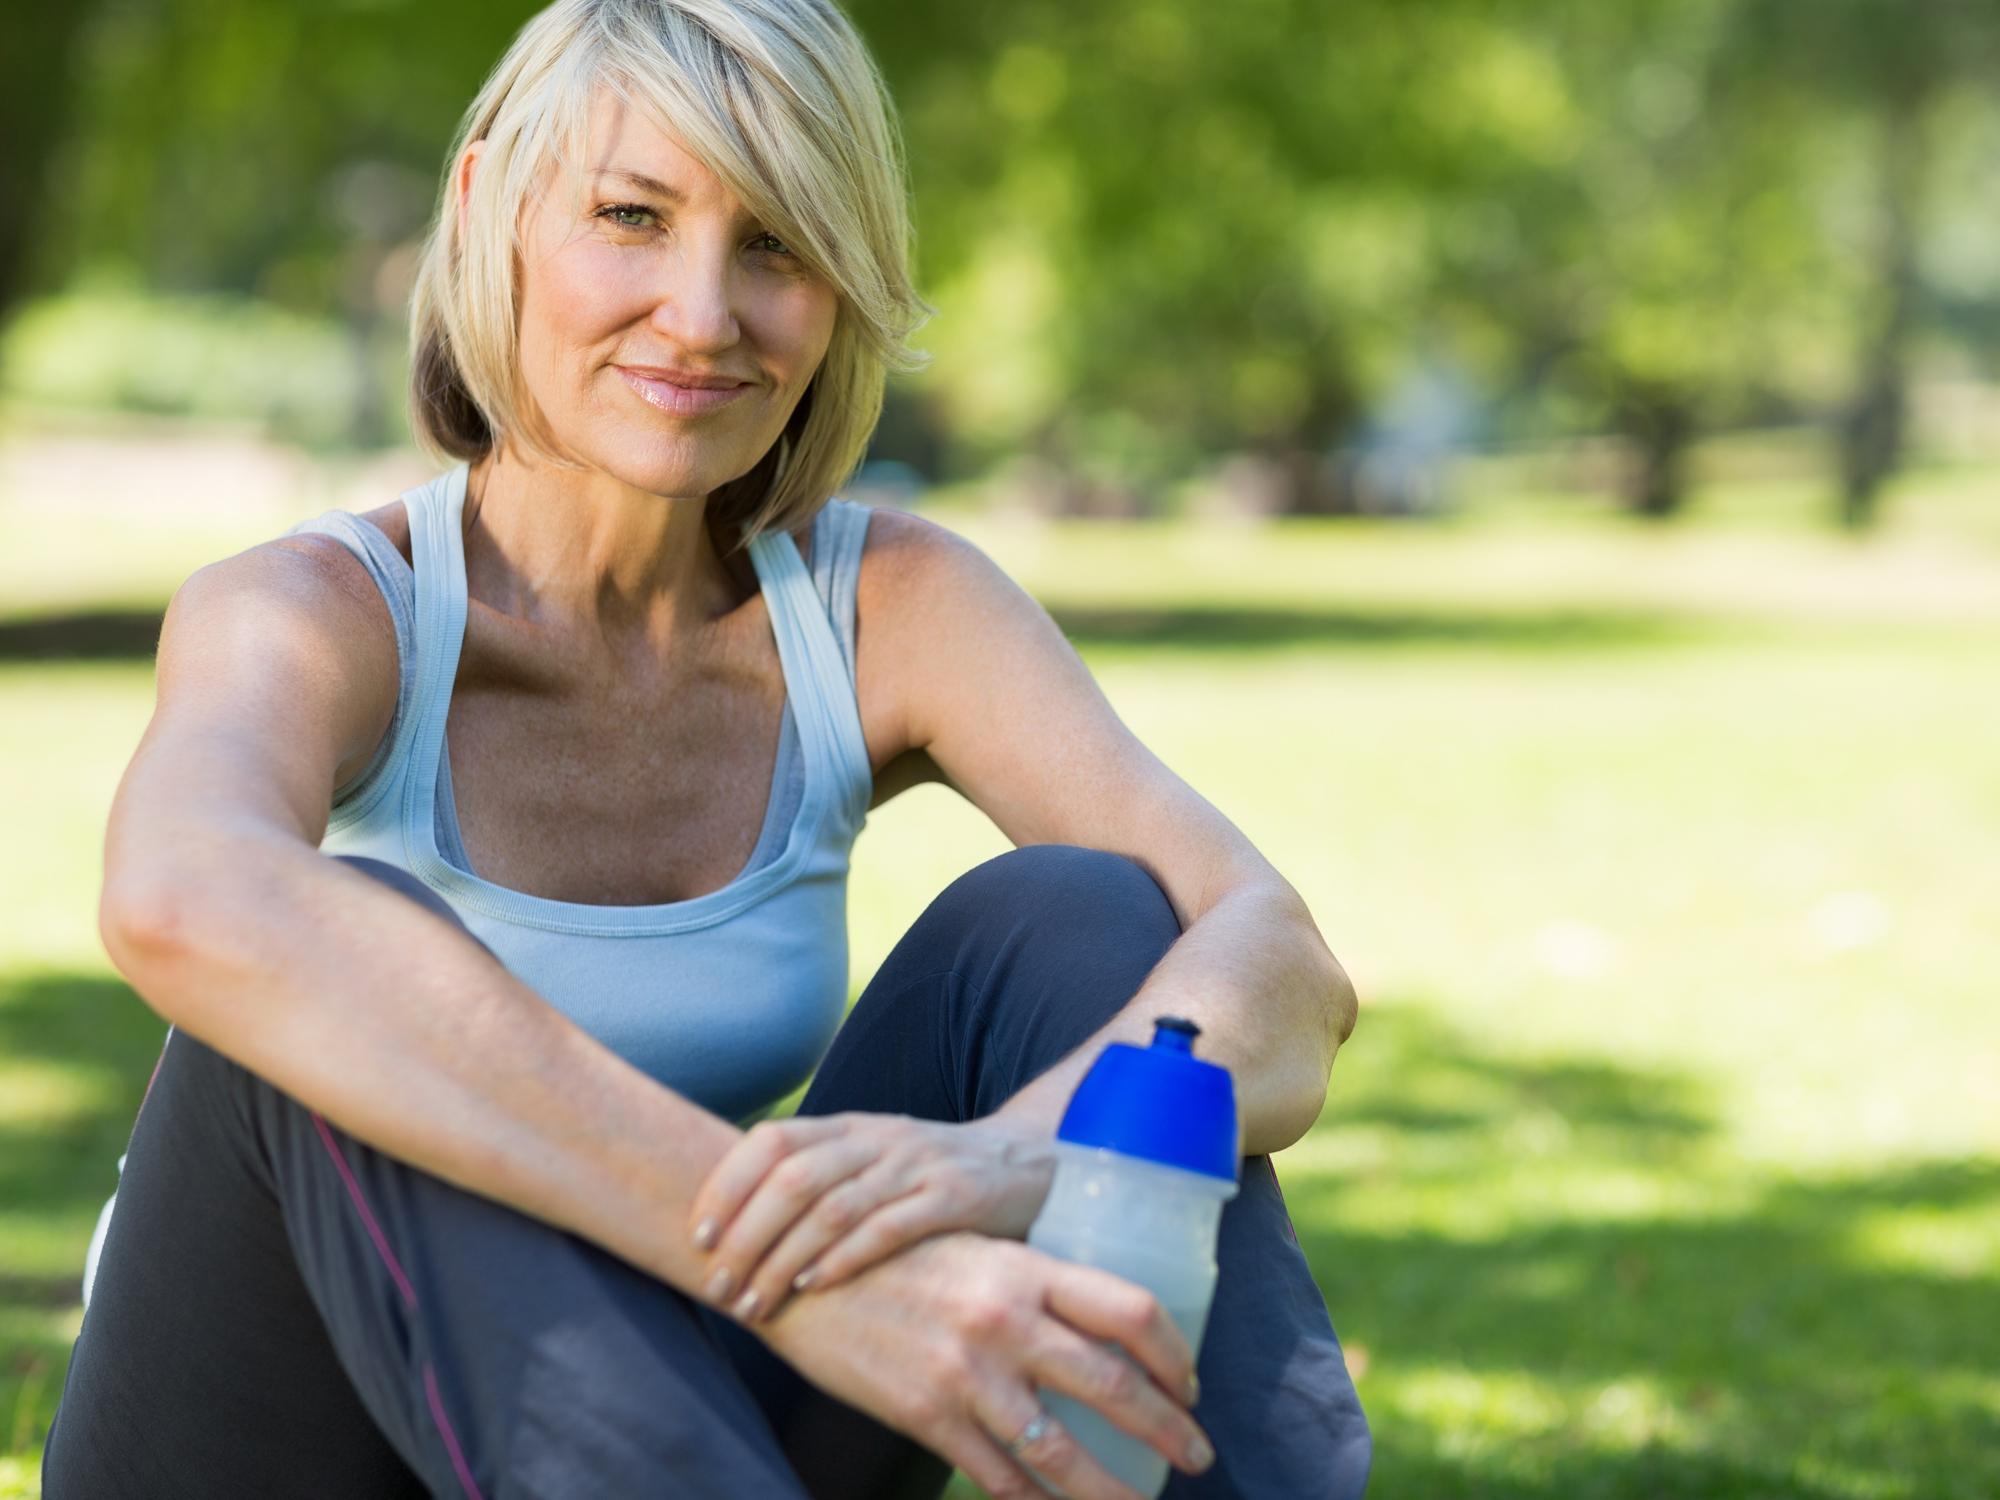 Spring training tips for better fitness fast